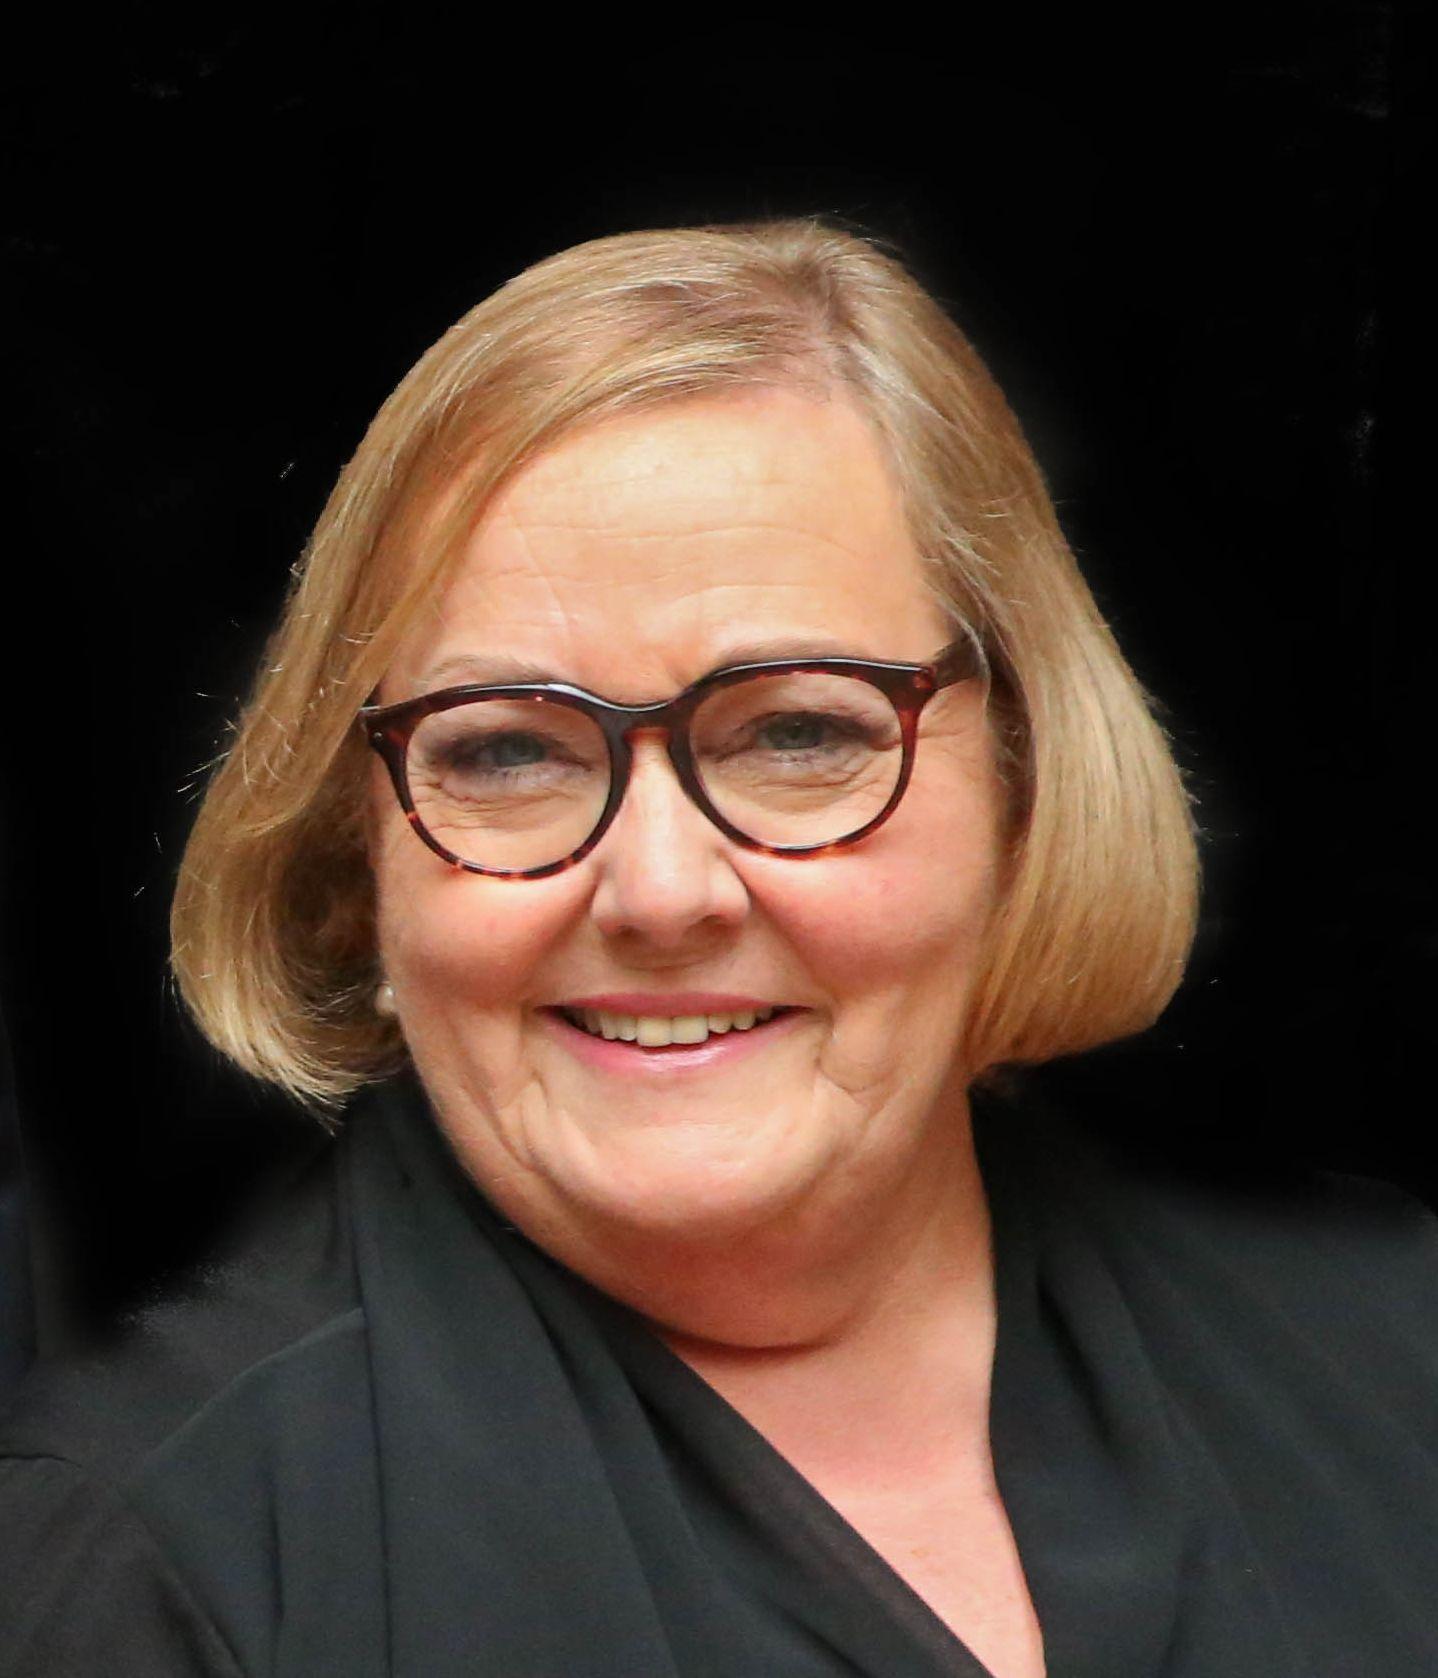 Lia Platenburg